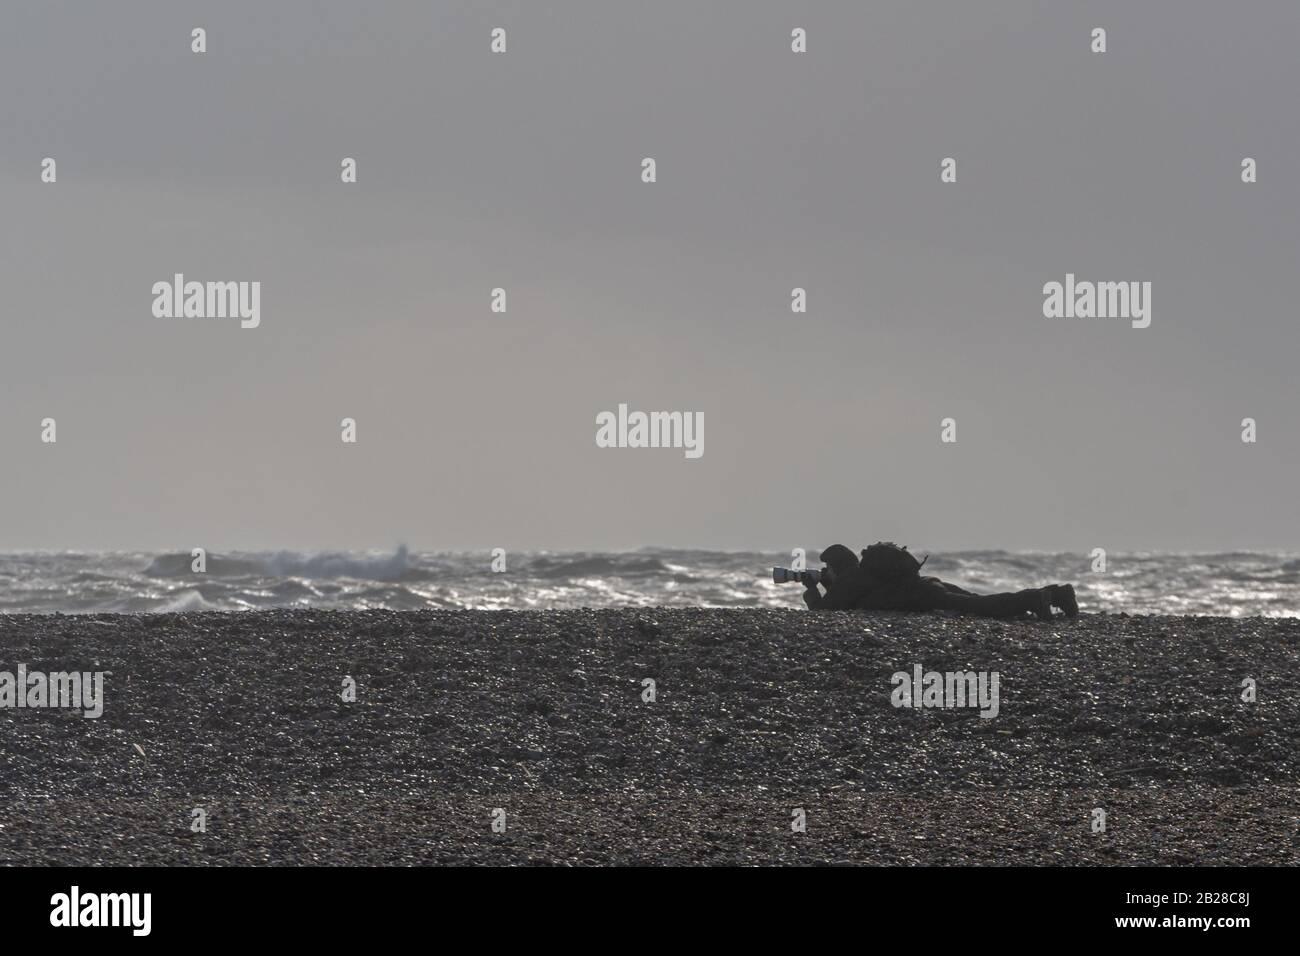 Un fotógrafo que toma fotografías de las condiciones extremas en la costa sur de Inglaterra cuando la tormenta Jorge se acerca el 29 de febrero de 2020. Foto de stock